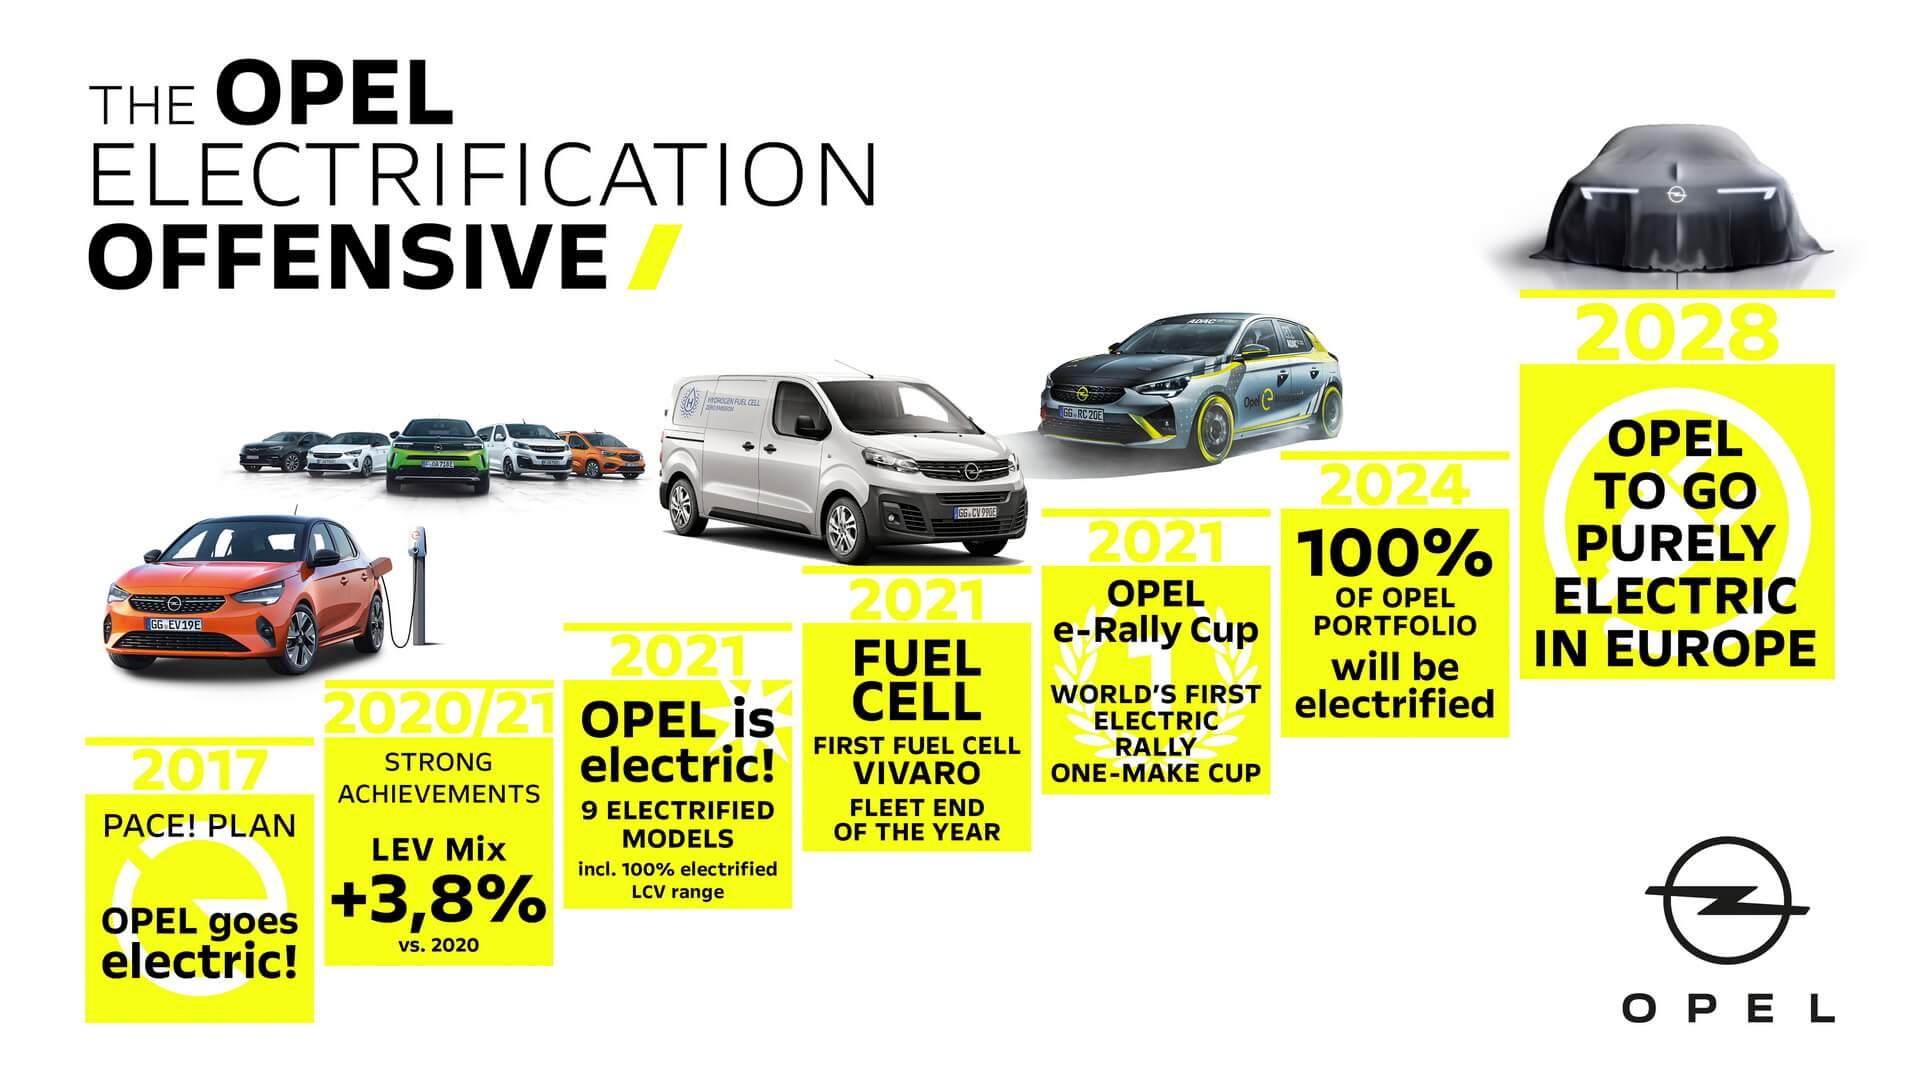 Opel станет полностью электрическим брендом с2028 года вЕвропе